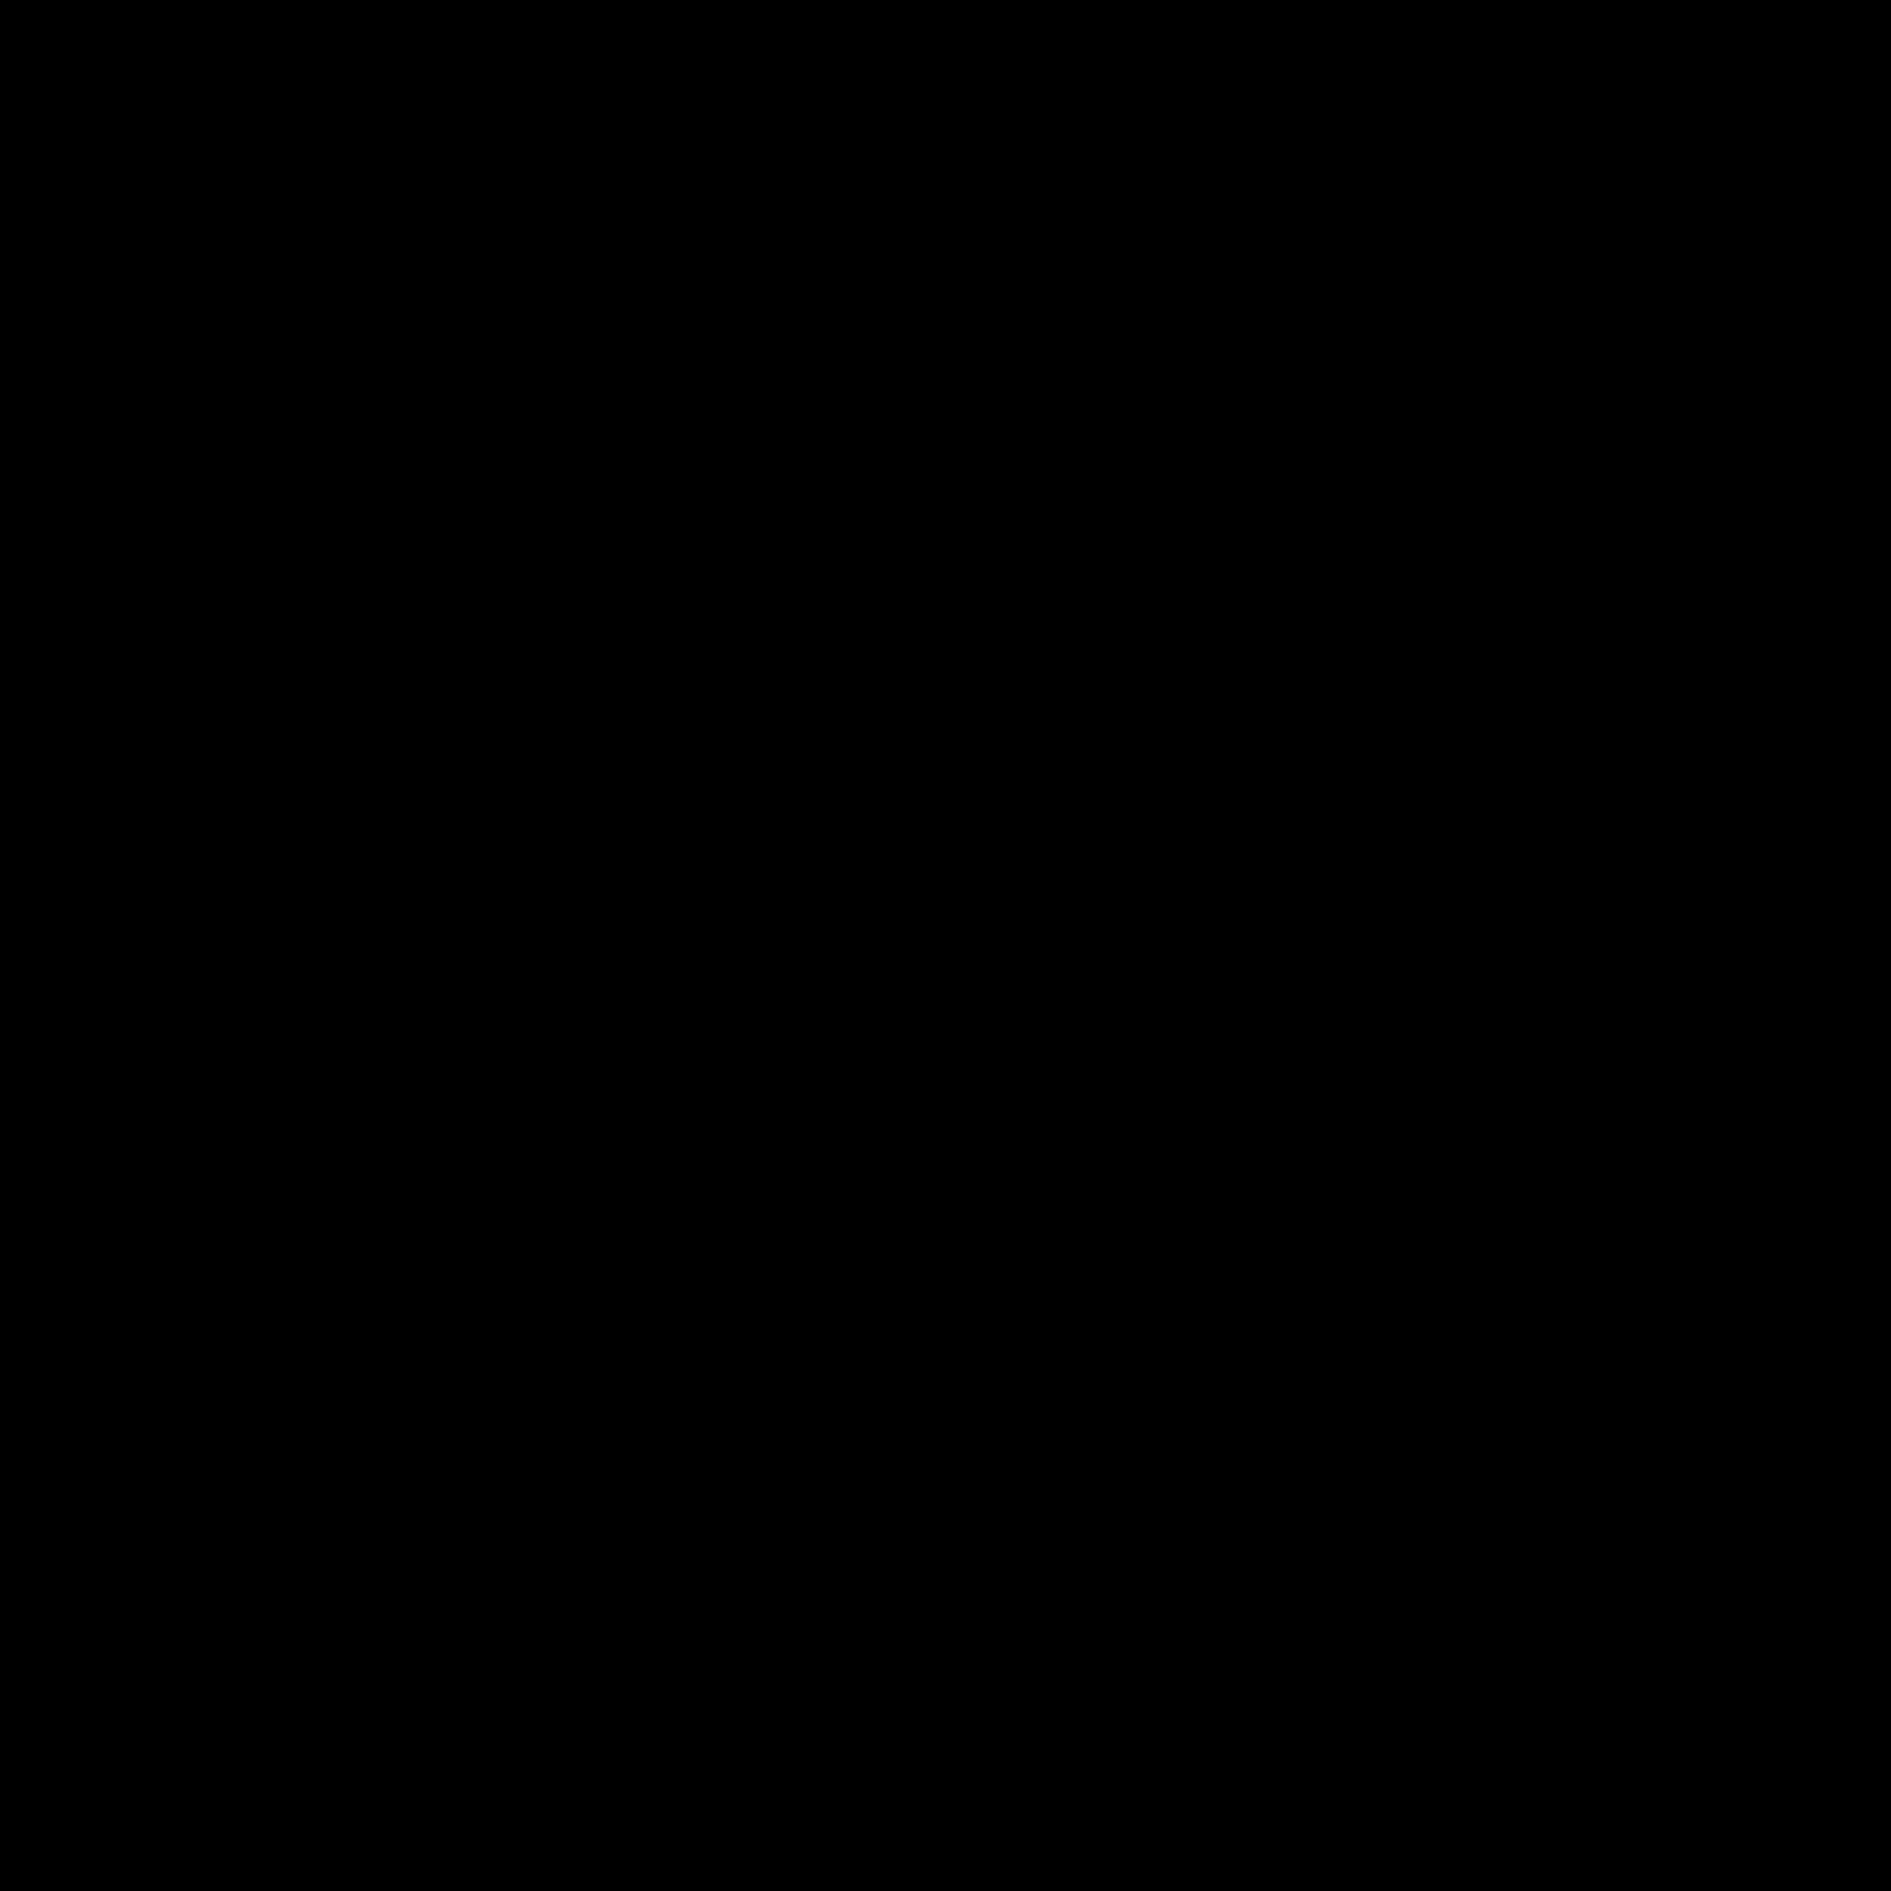 PERSPEX SIGNS